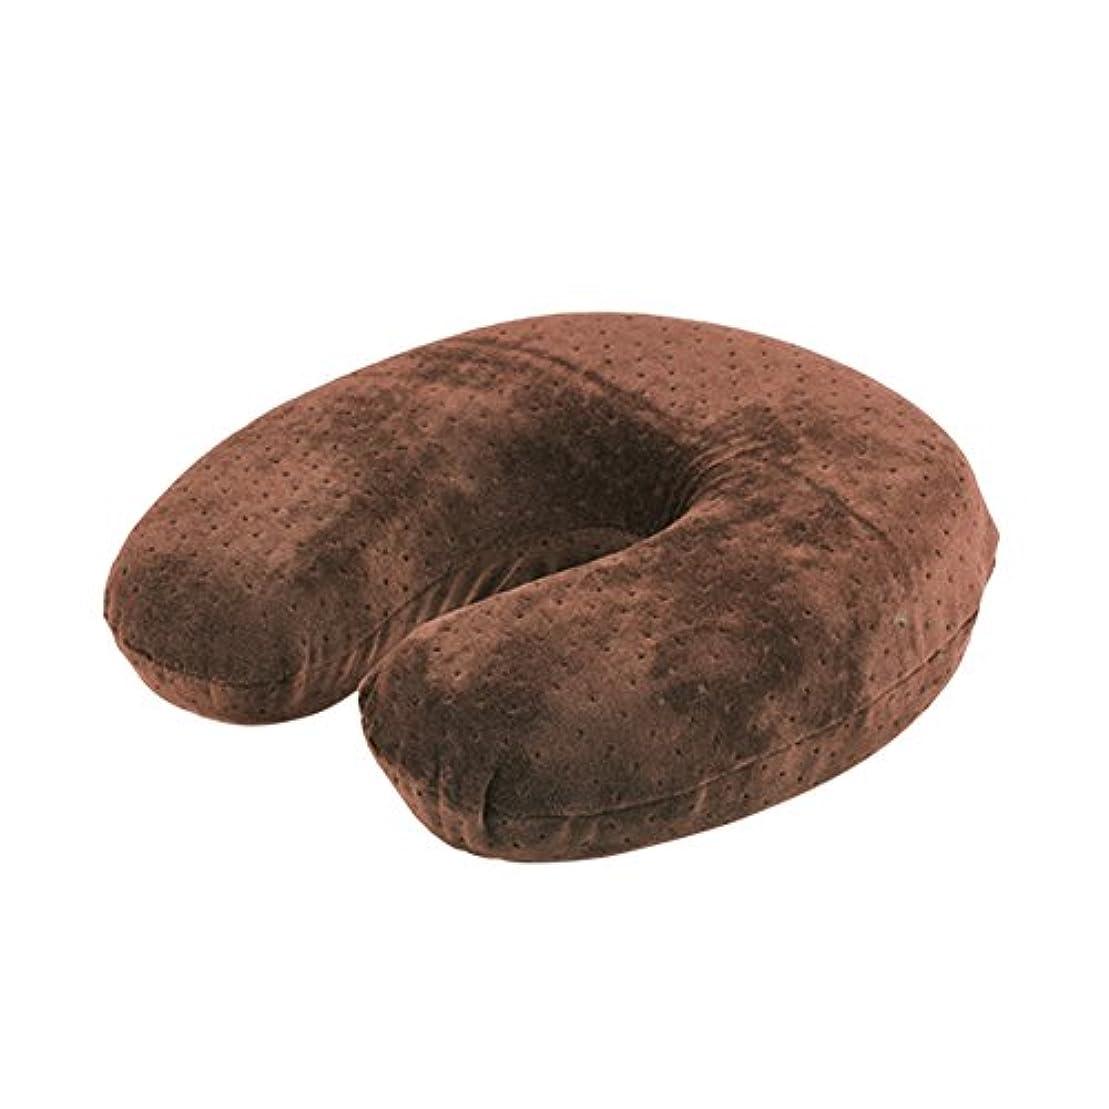 仮定知事デモンストレーションU字型枕、ビロードの反発の記憶泡の首の頭部の頚部枕残り旅行クッション(Brown)